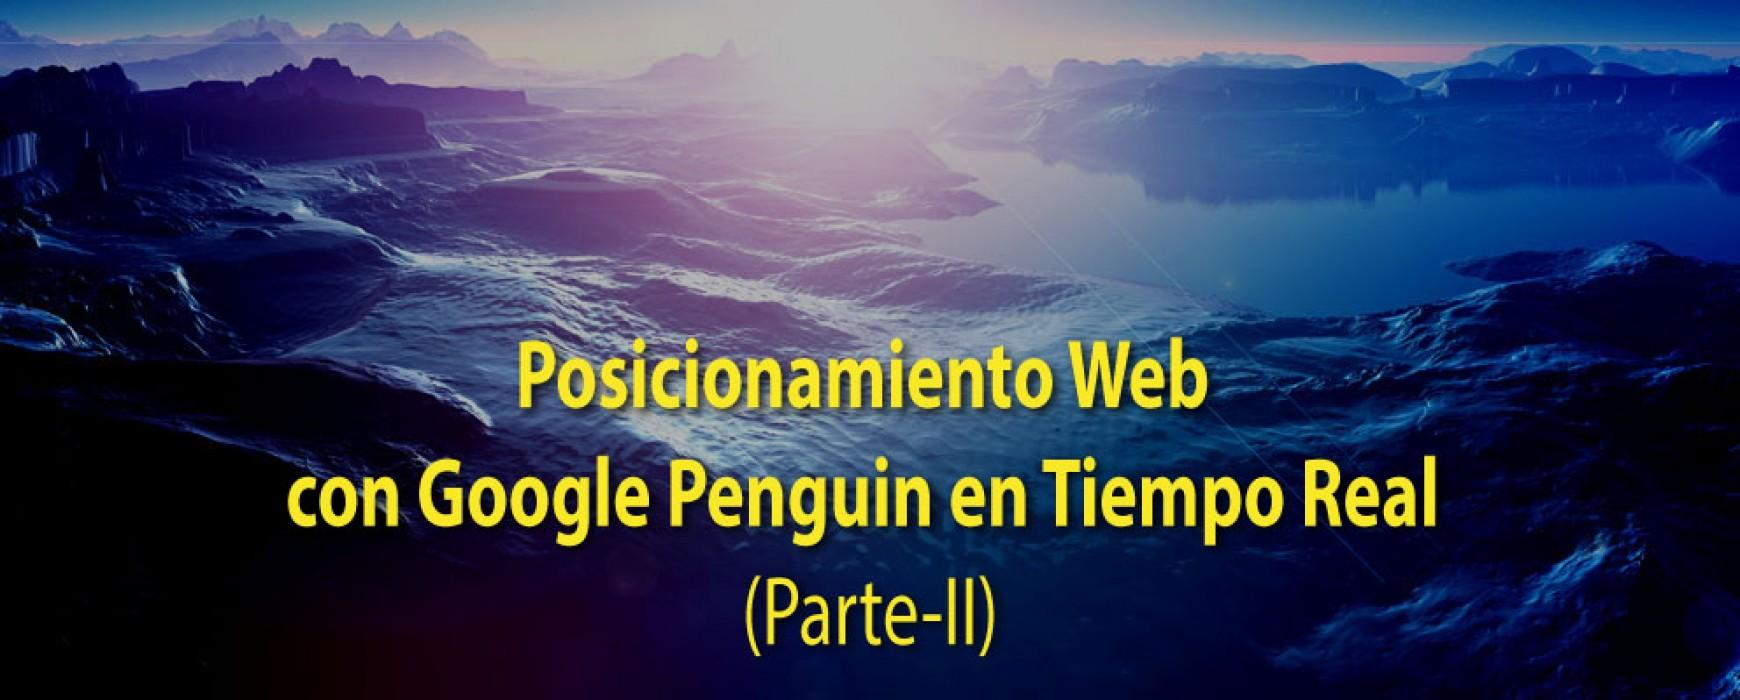 Posicionamiento en Google con Penguin en Tiempo Real (Parte-II)